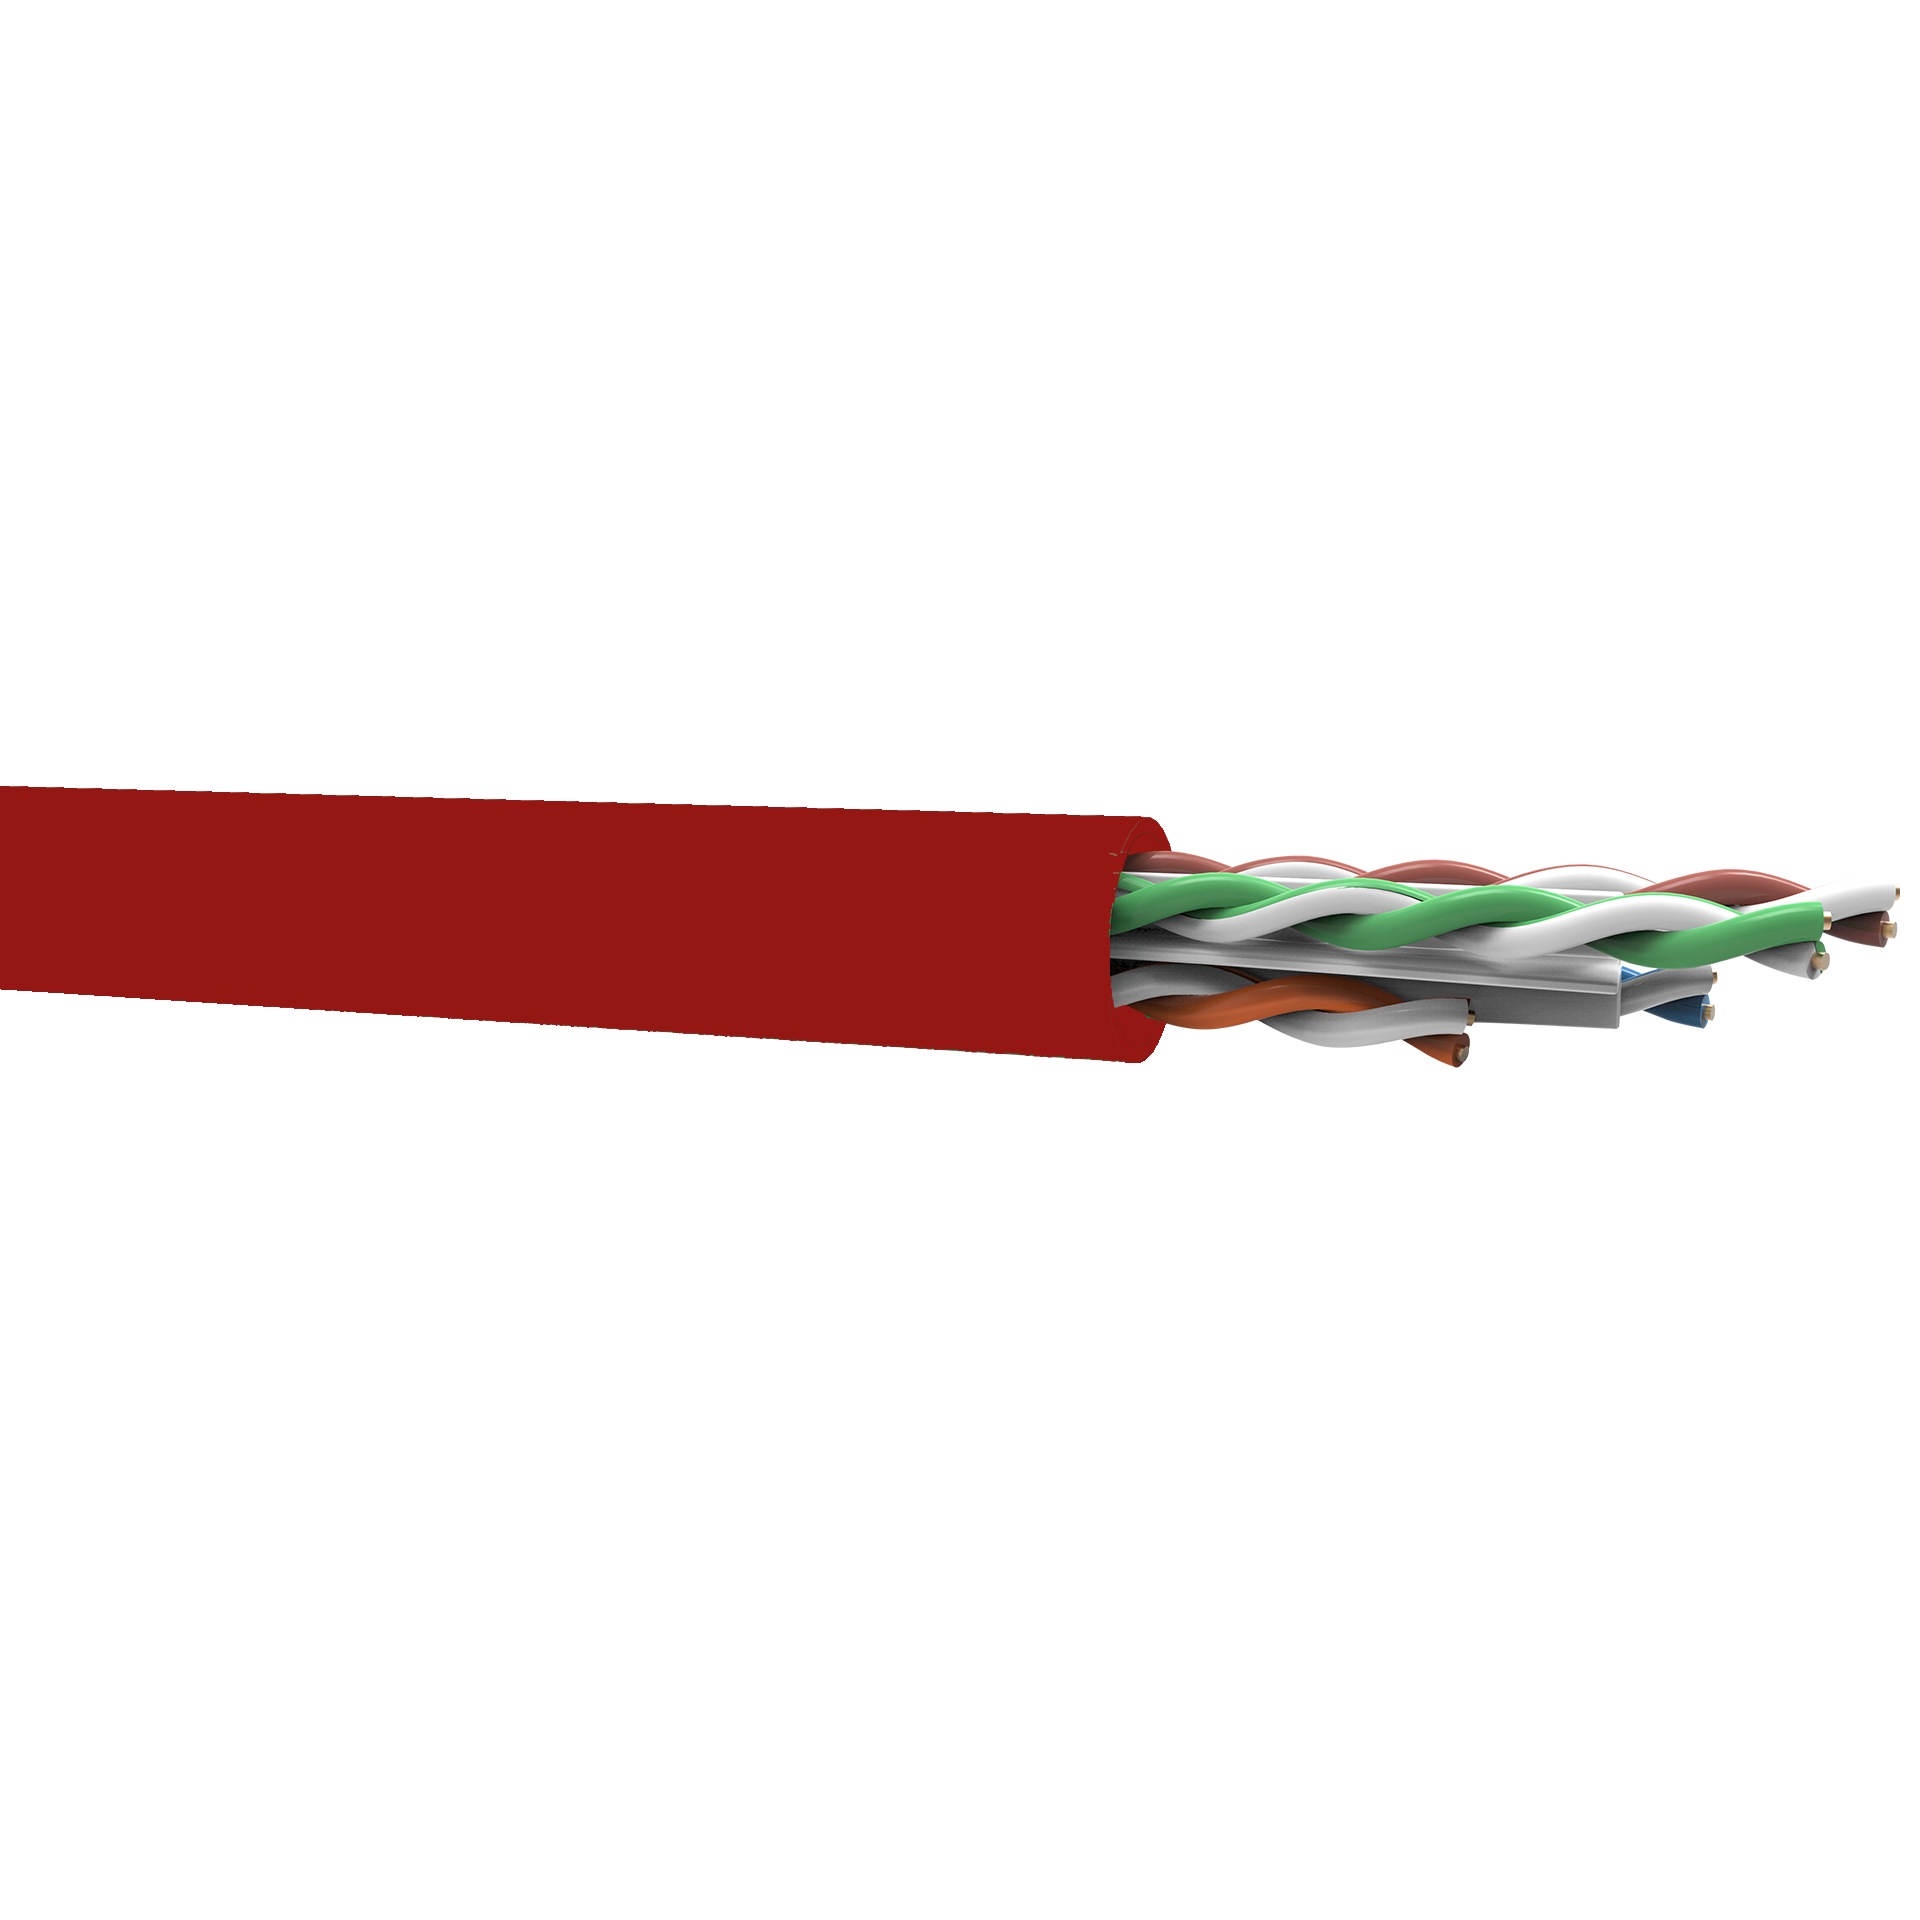 Cabo de Rede Cat6 50 Metros Furukawa Gigalan Vermelho + Alicate + Testador